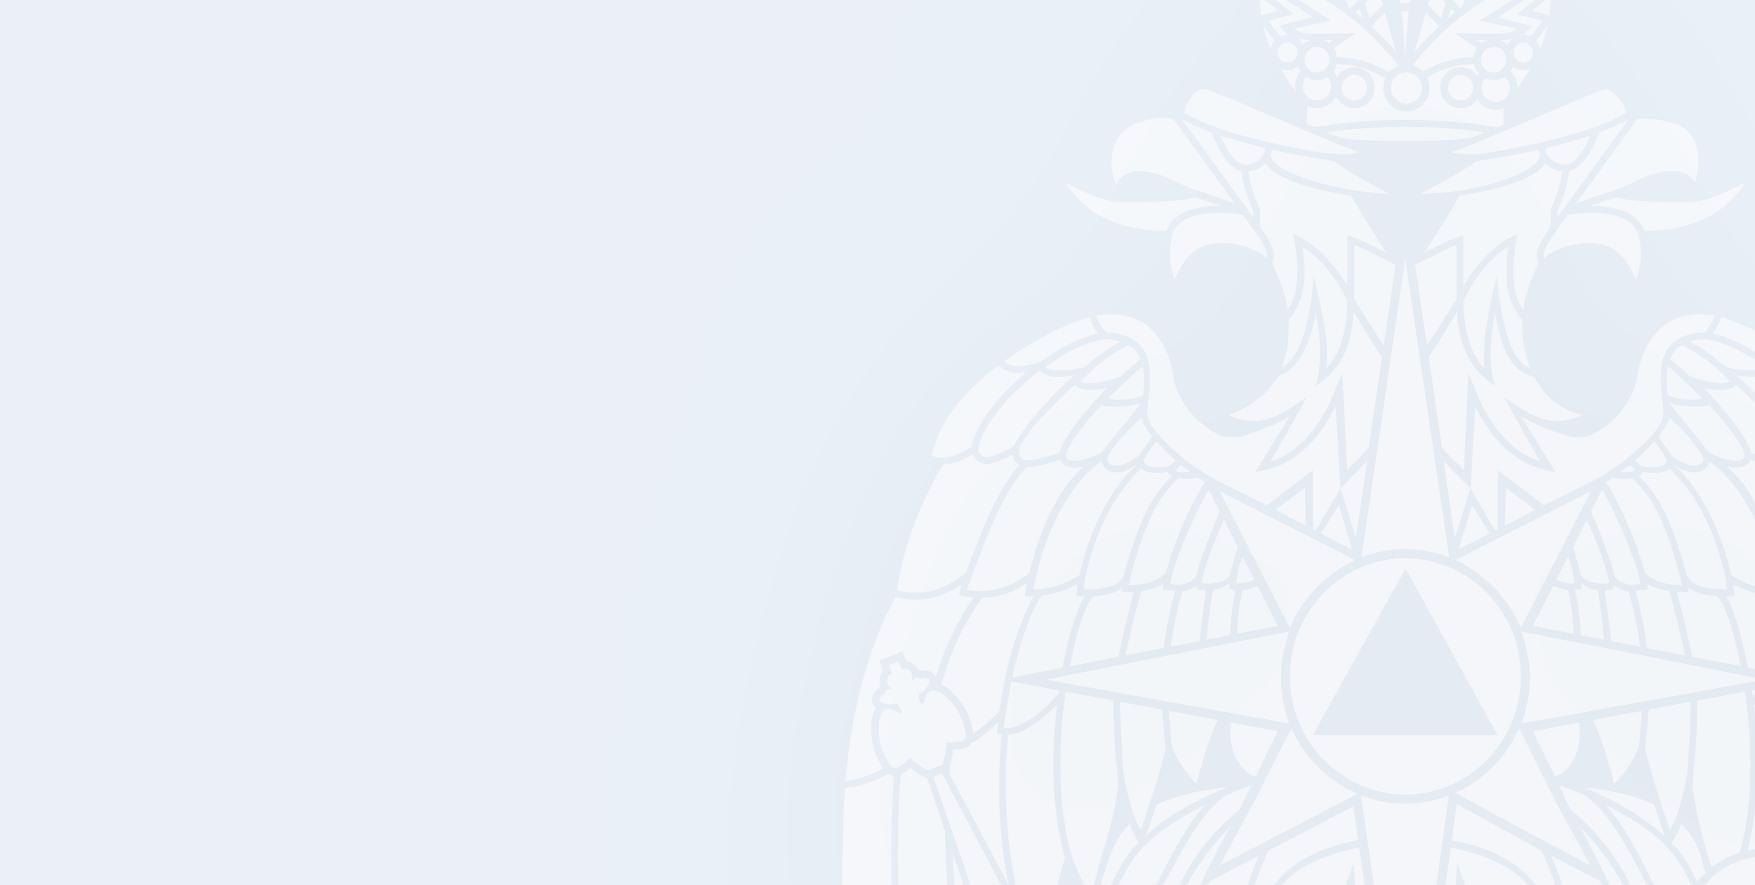 ДТП в Богучарском районе — МЧС России по Воронежской области